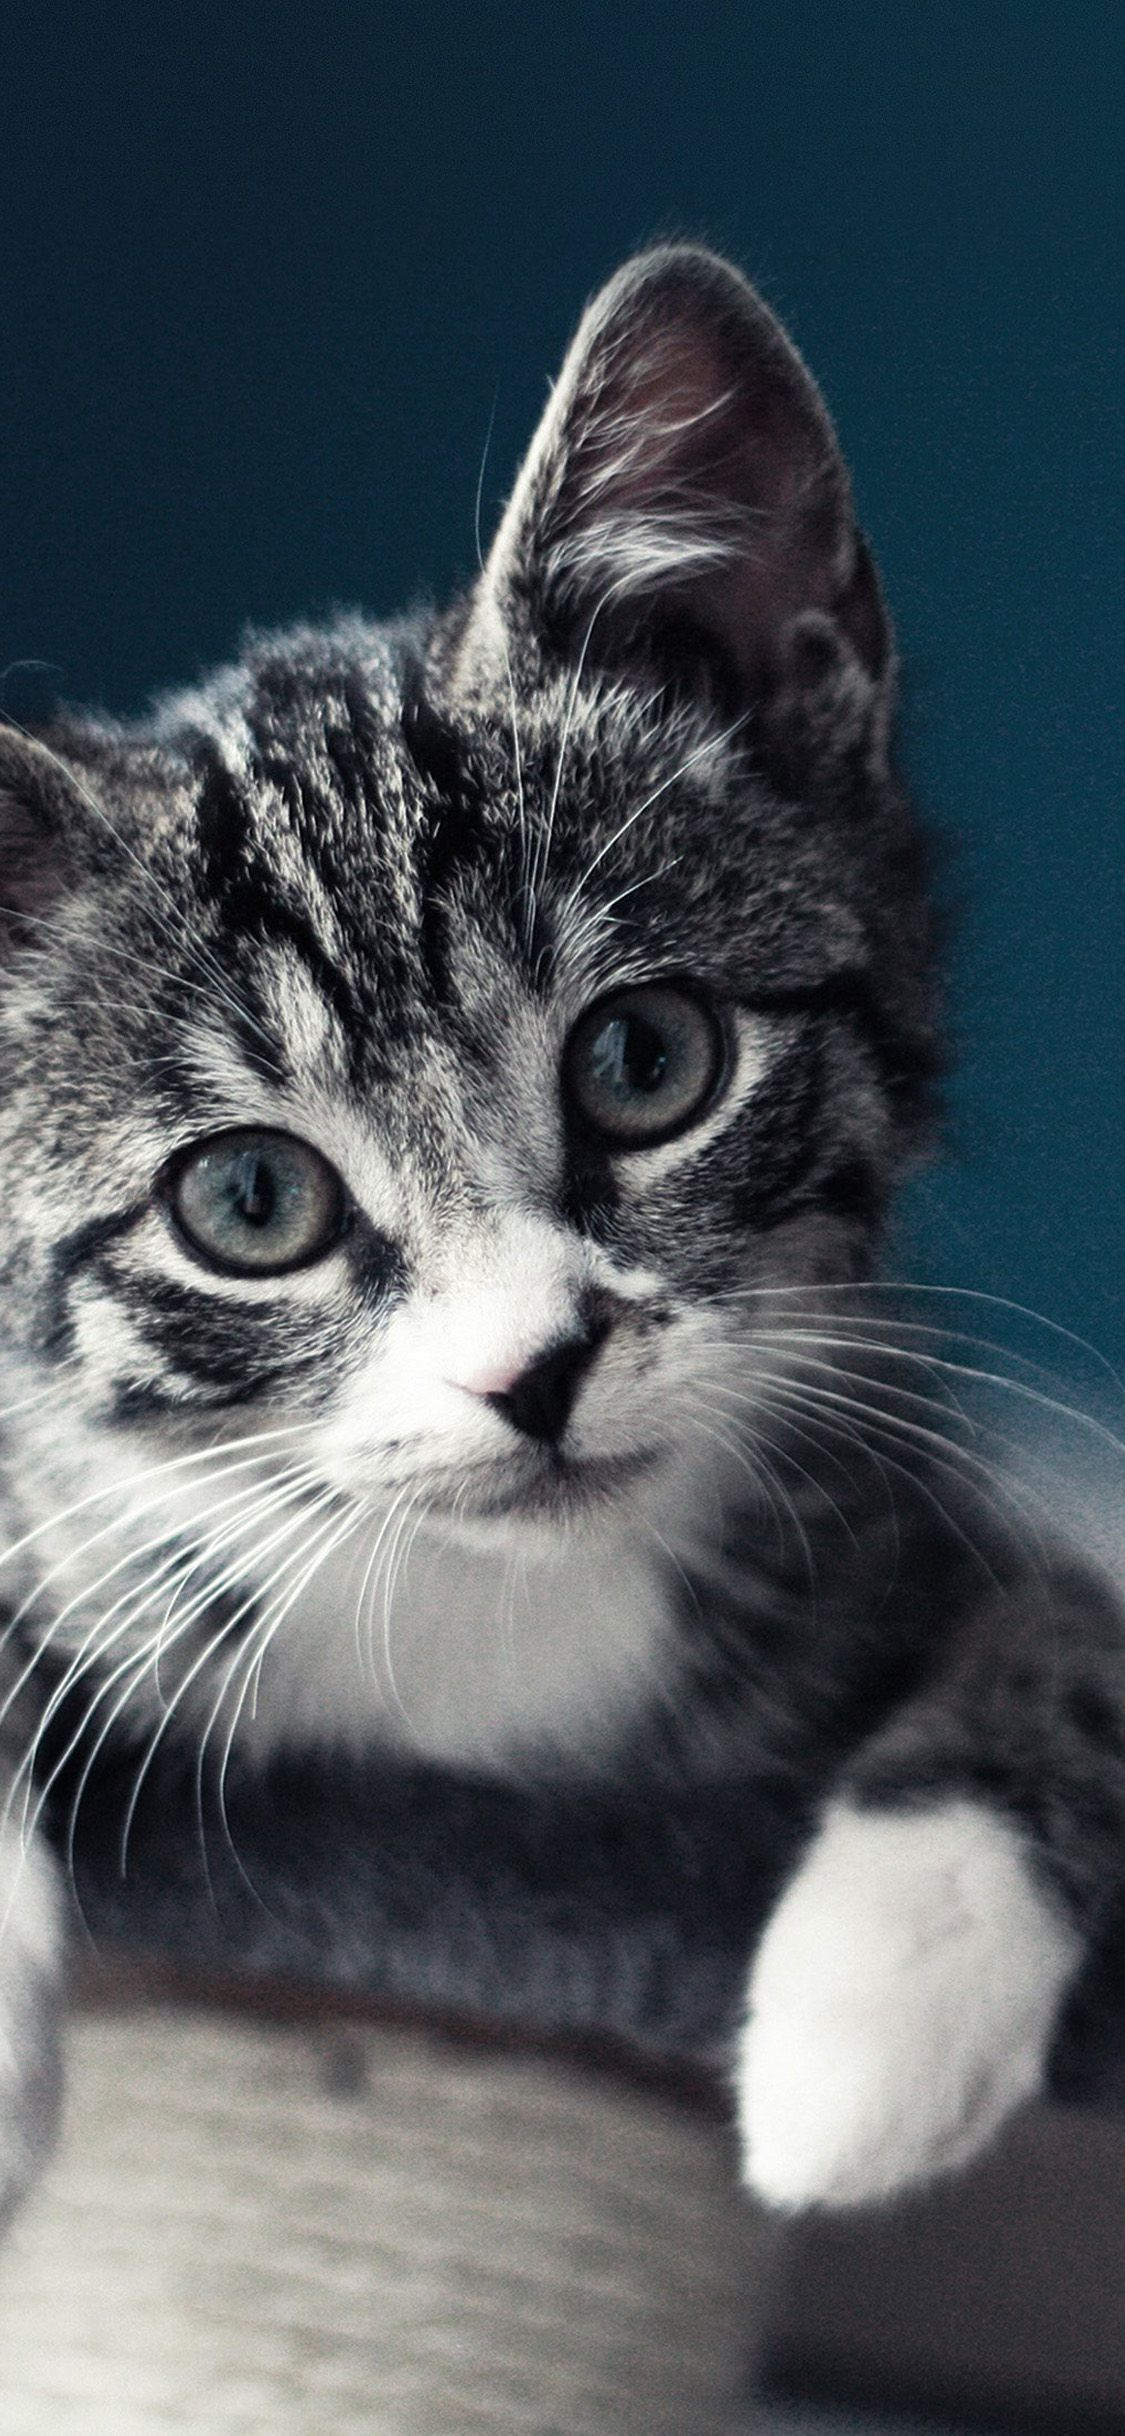 Wallpaper Kitten Posted By Christopher Johnson